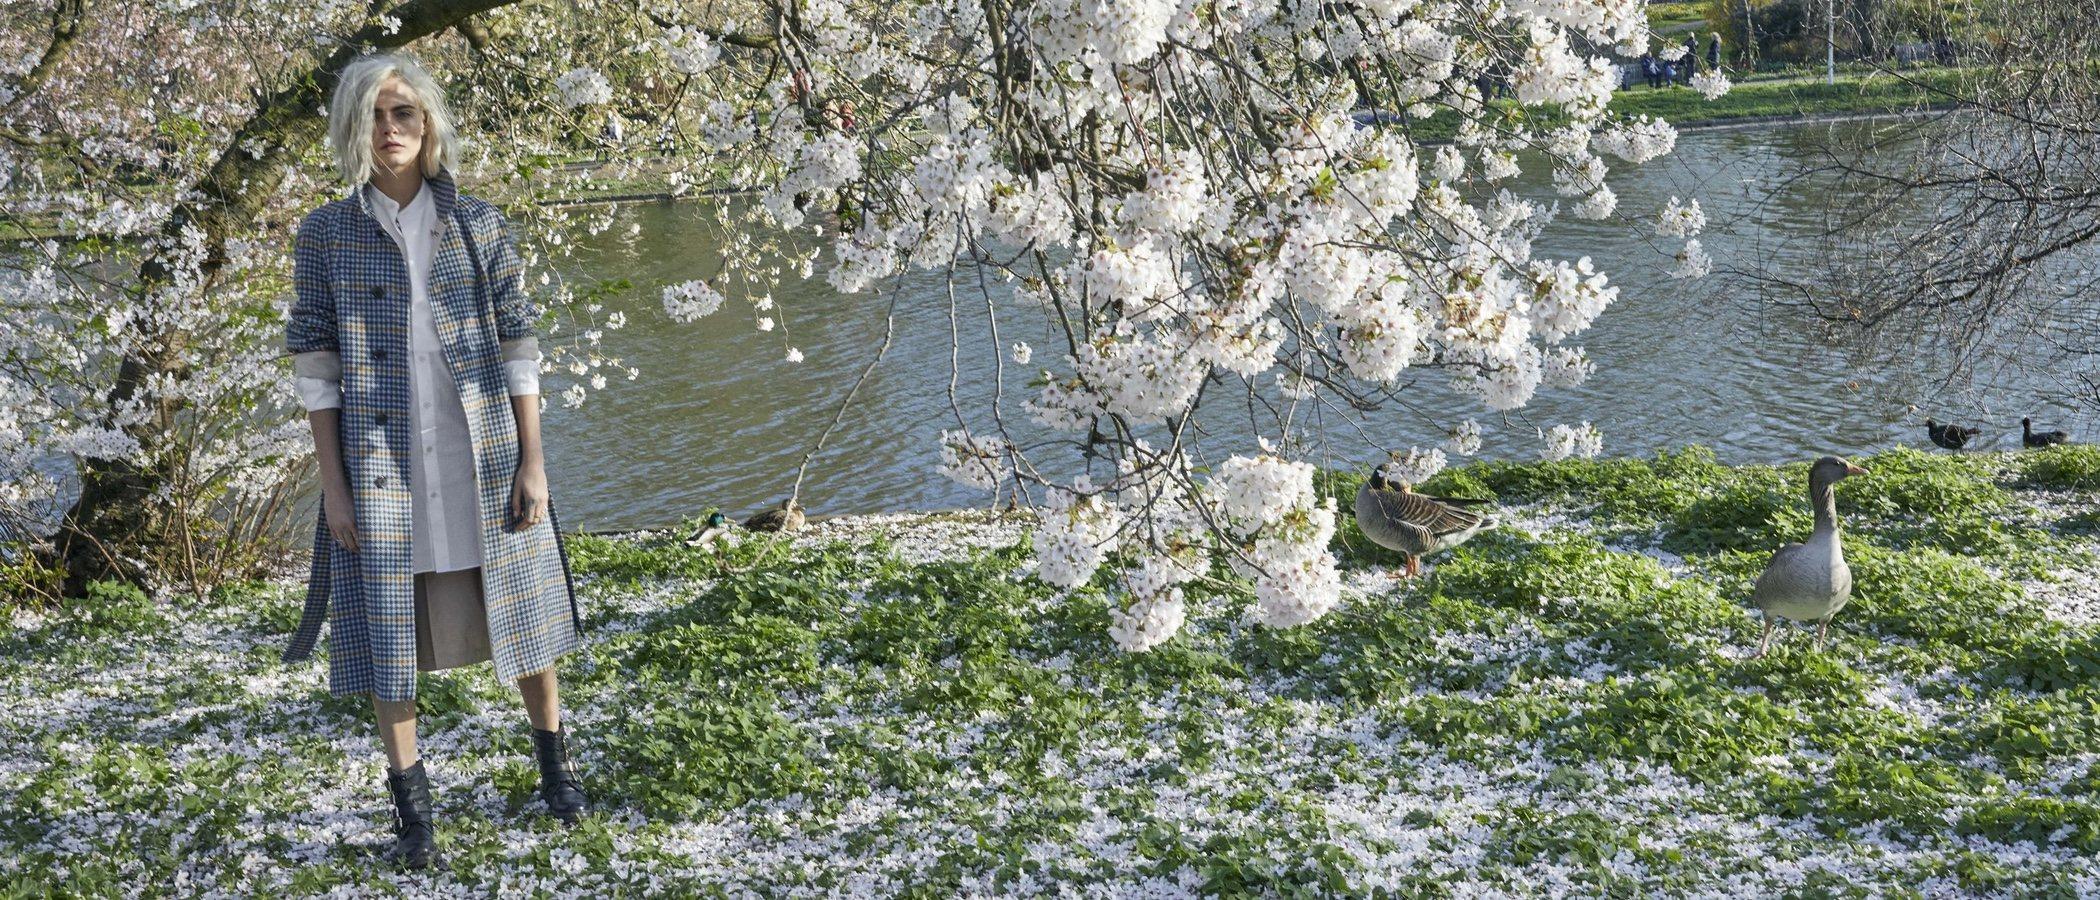 Así es 'Burberry Her Blossom', el nuevo perfume de Burberry con Cara Delevingne como embajadora